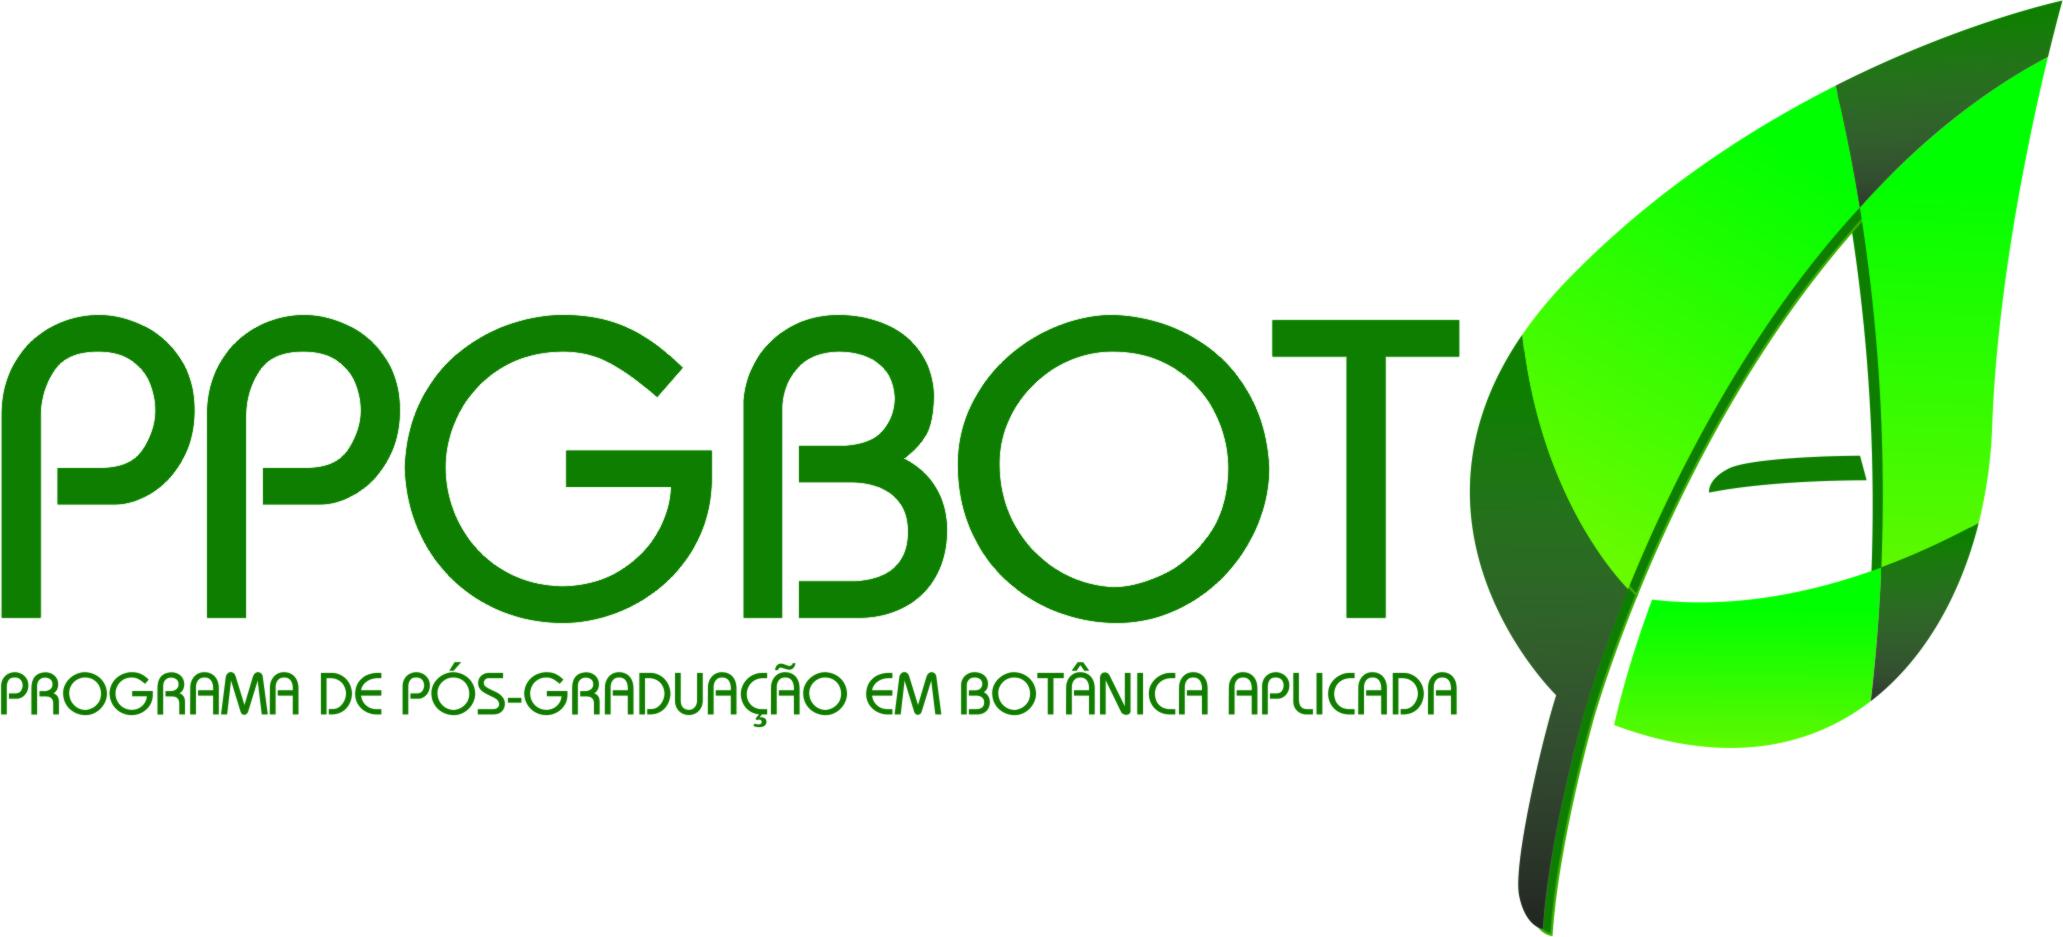 PPGBOT – Pós Graduação em Botânica Aplicada